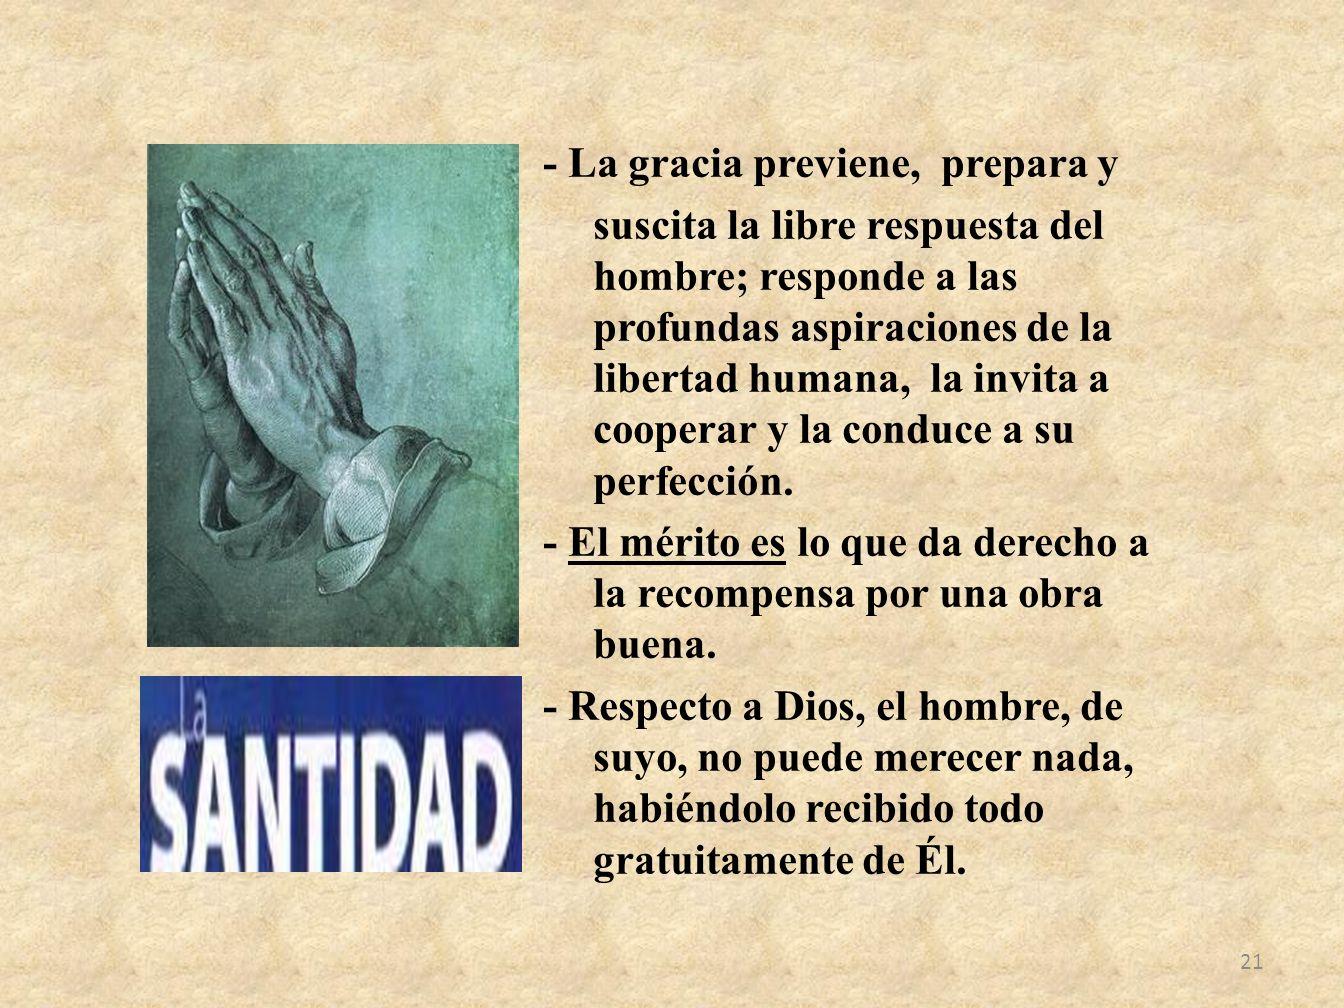 - La gracia previene, prepara y suscita la libre respuesta del hombre; responde a las profundas aspiraciones de la libertad humana, la invita a cooperar y la conduce a su perfección.